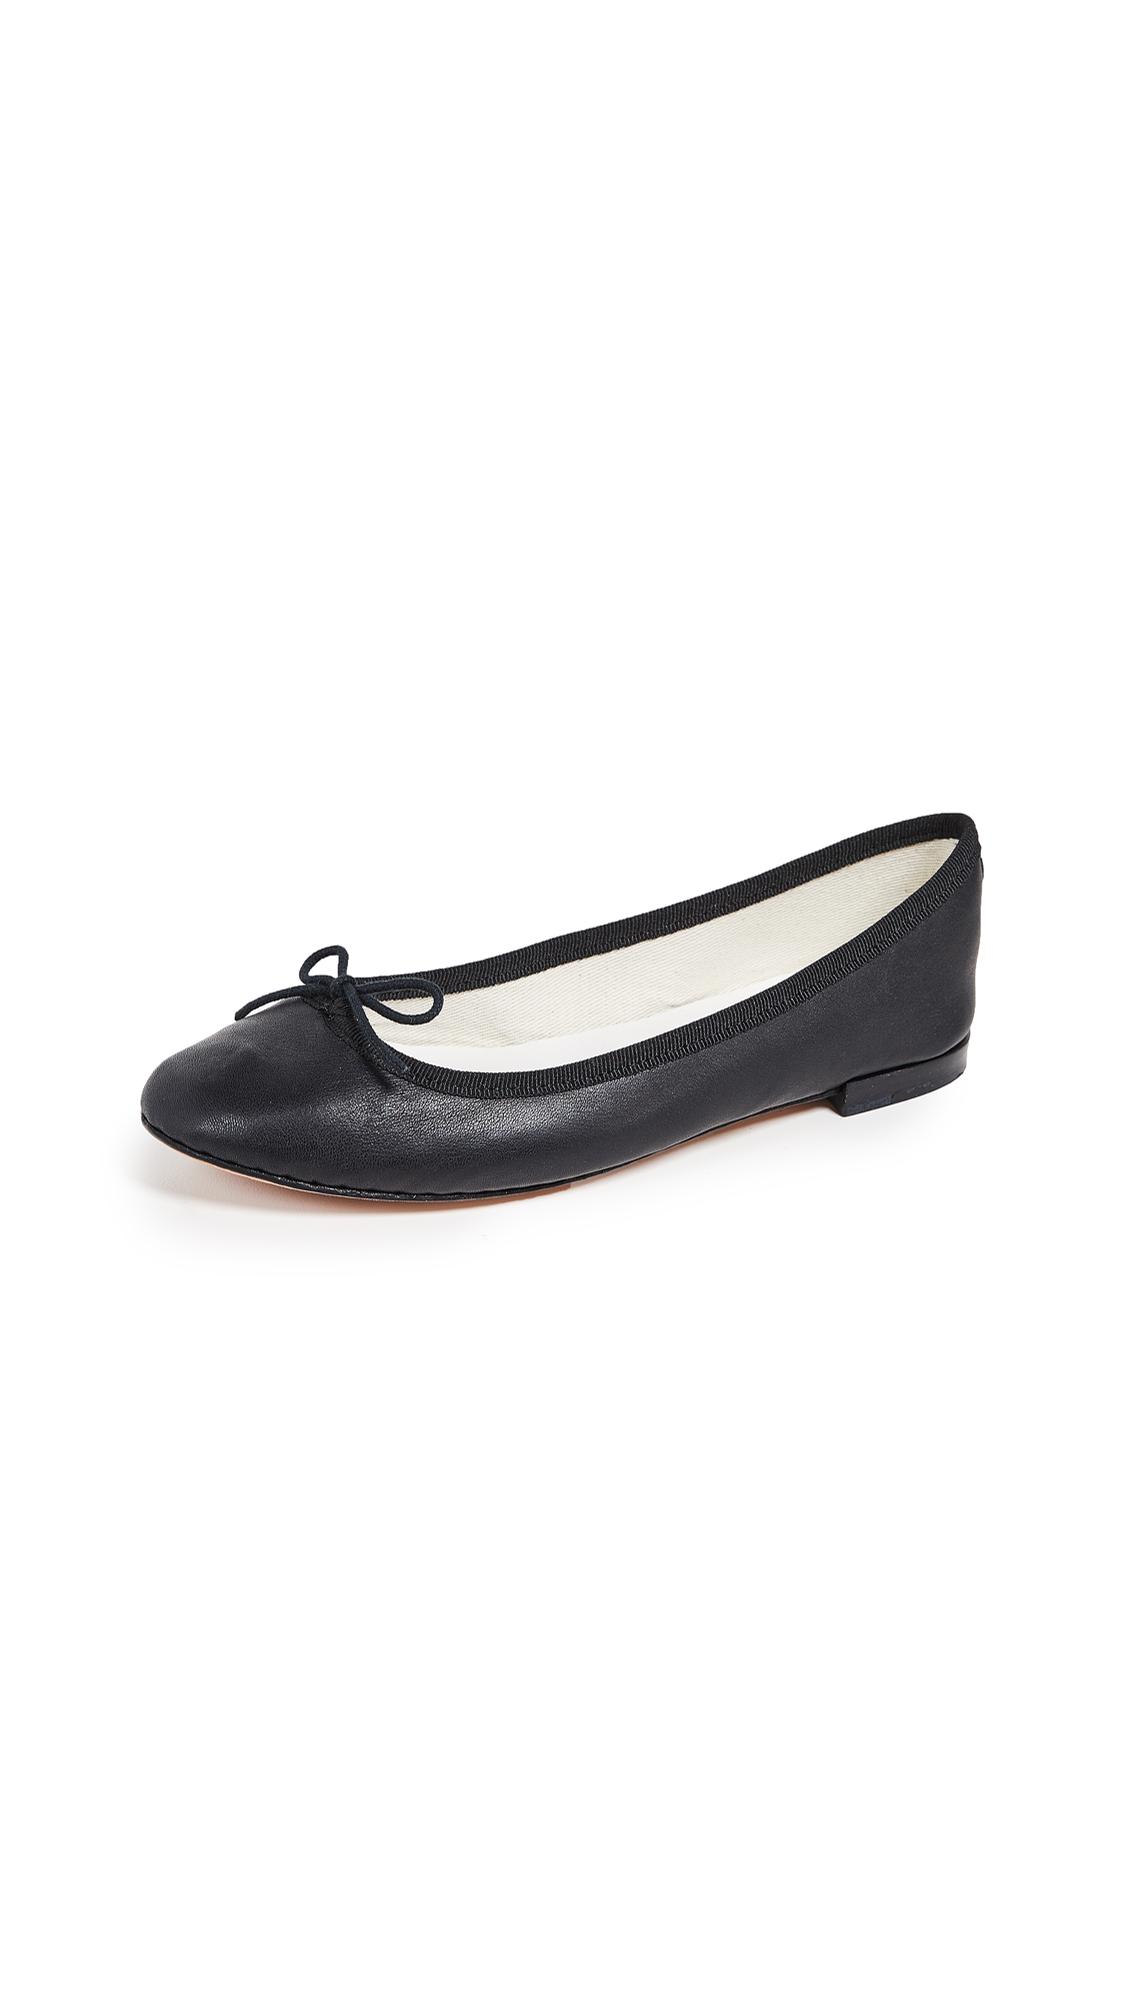 Repetto Cendrillon Ballet Flats - Noir